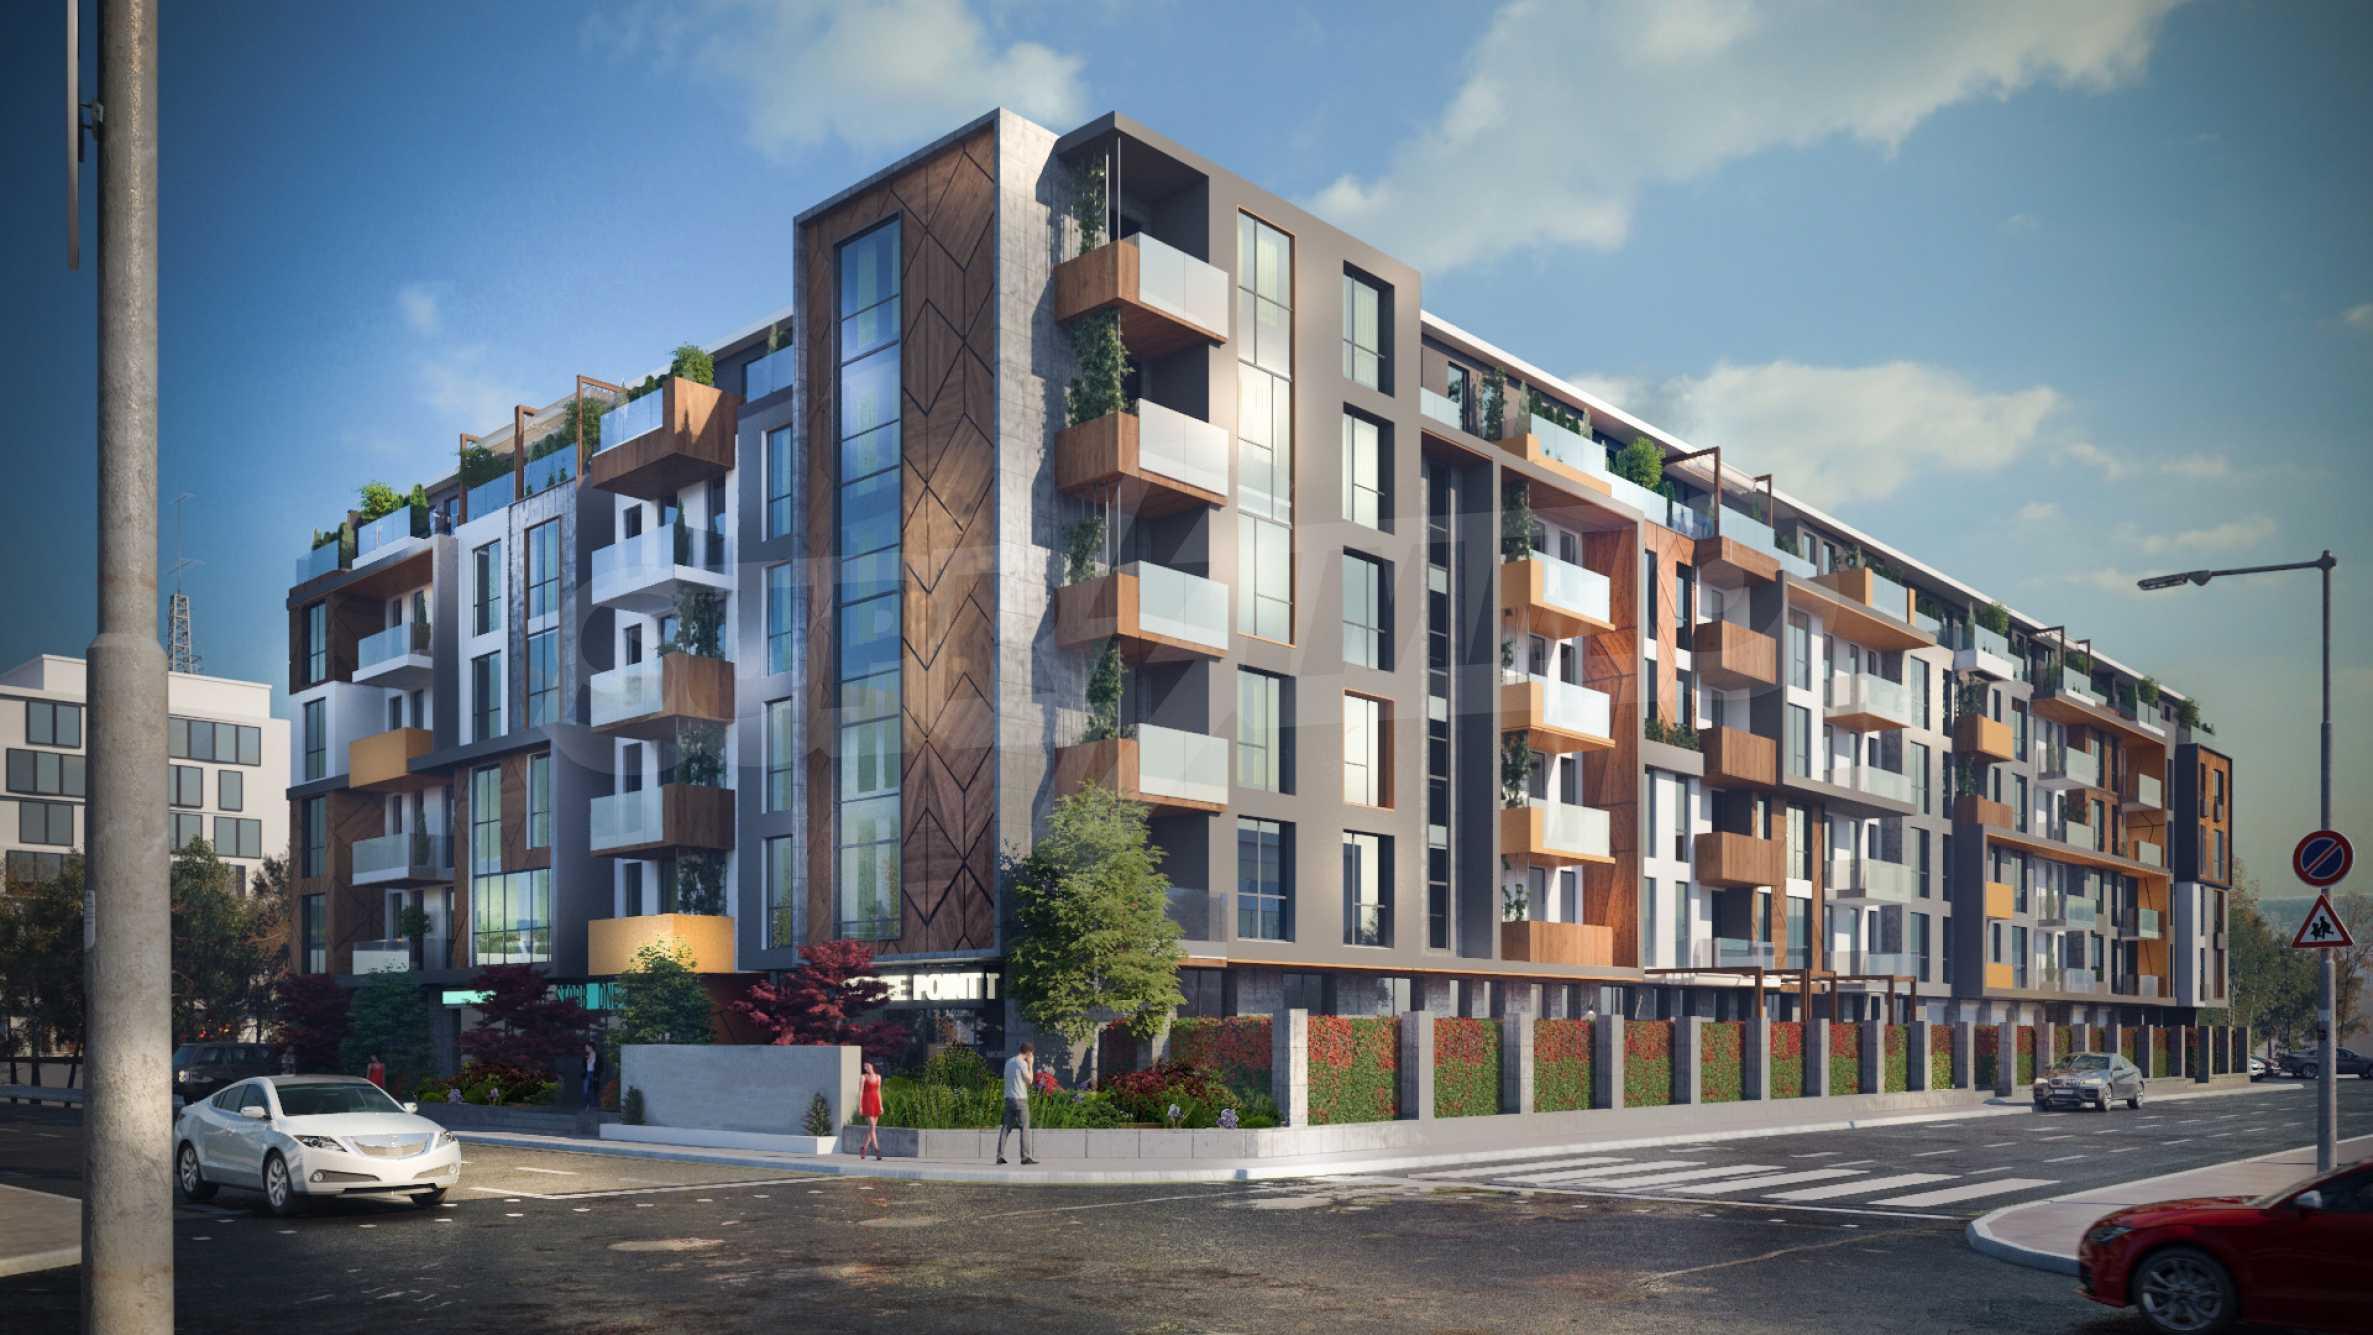 Ексклузивен комплекс на отлична локация в близост до бъдеща метростанция  12